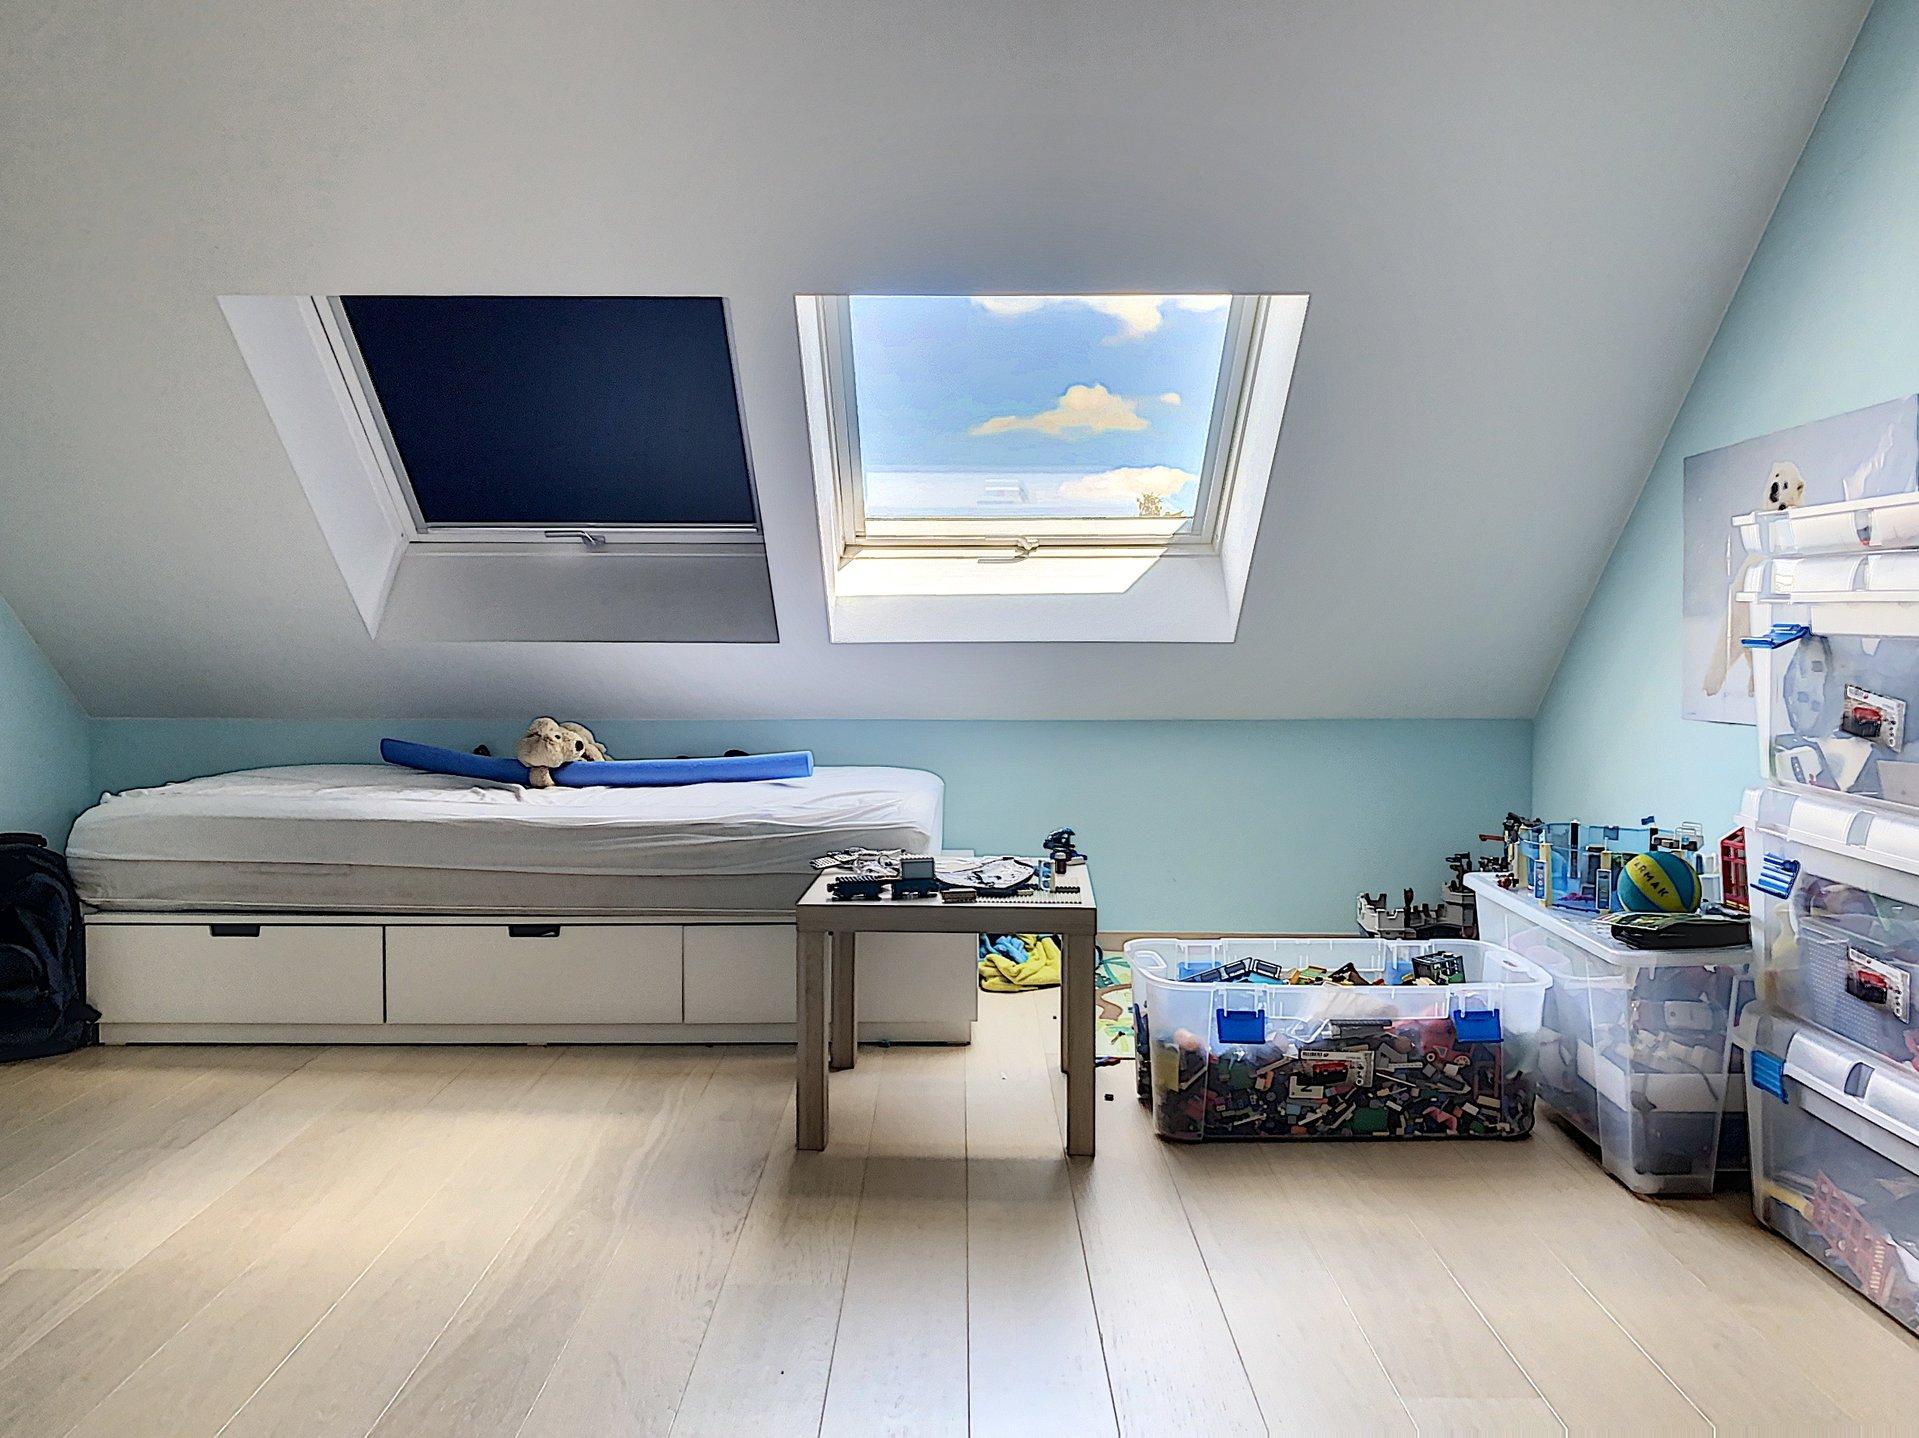 Wiltz - Magnifique duplex de +- 179m2 avec balcon